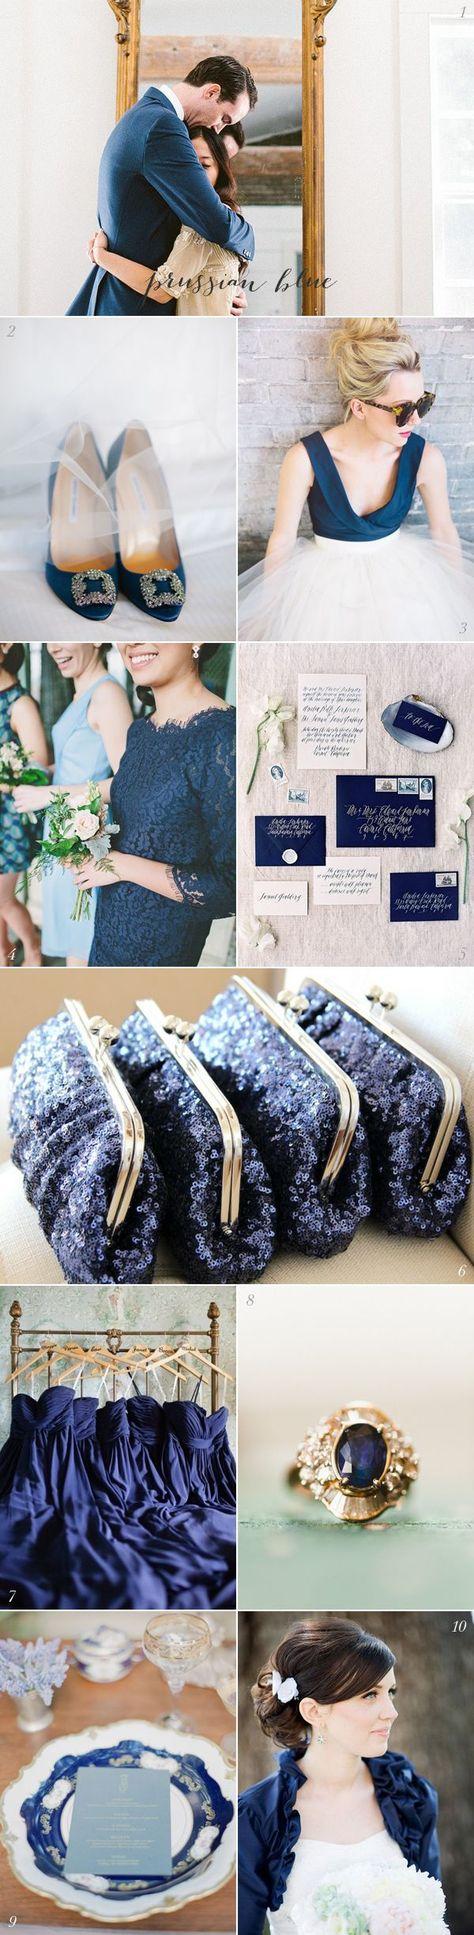 Lovely Prussian Blue wedding inspiration #blueweddingideas